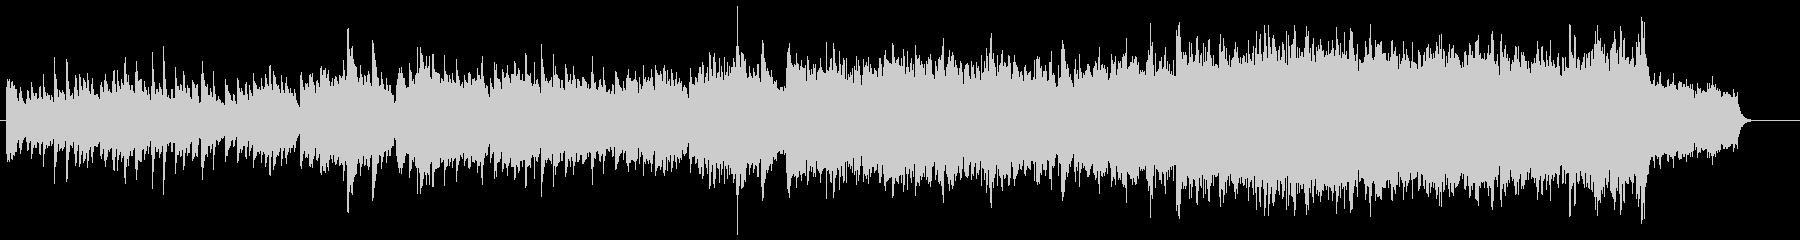 ストリングスの旋律が印象的なバラードの未再生の波形